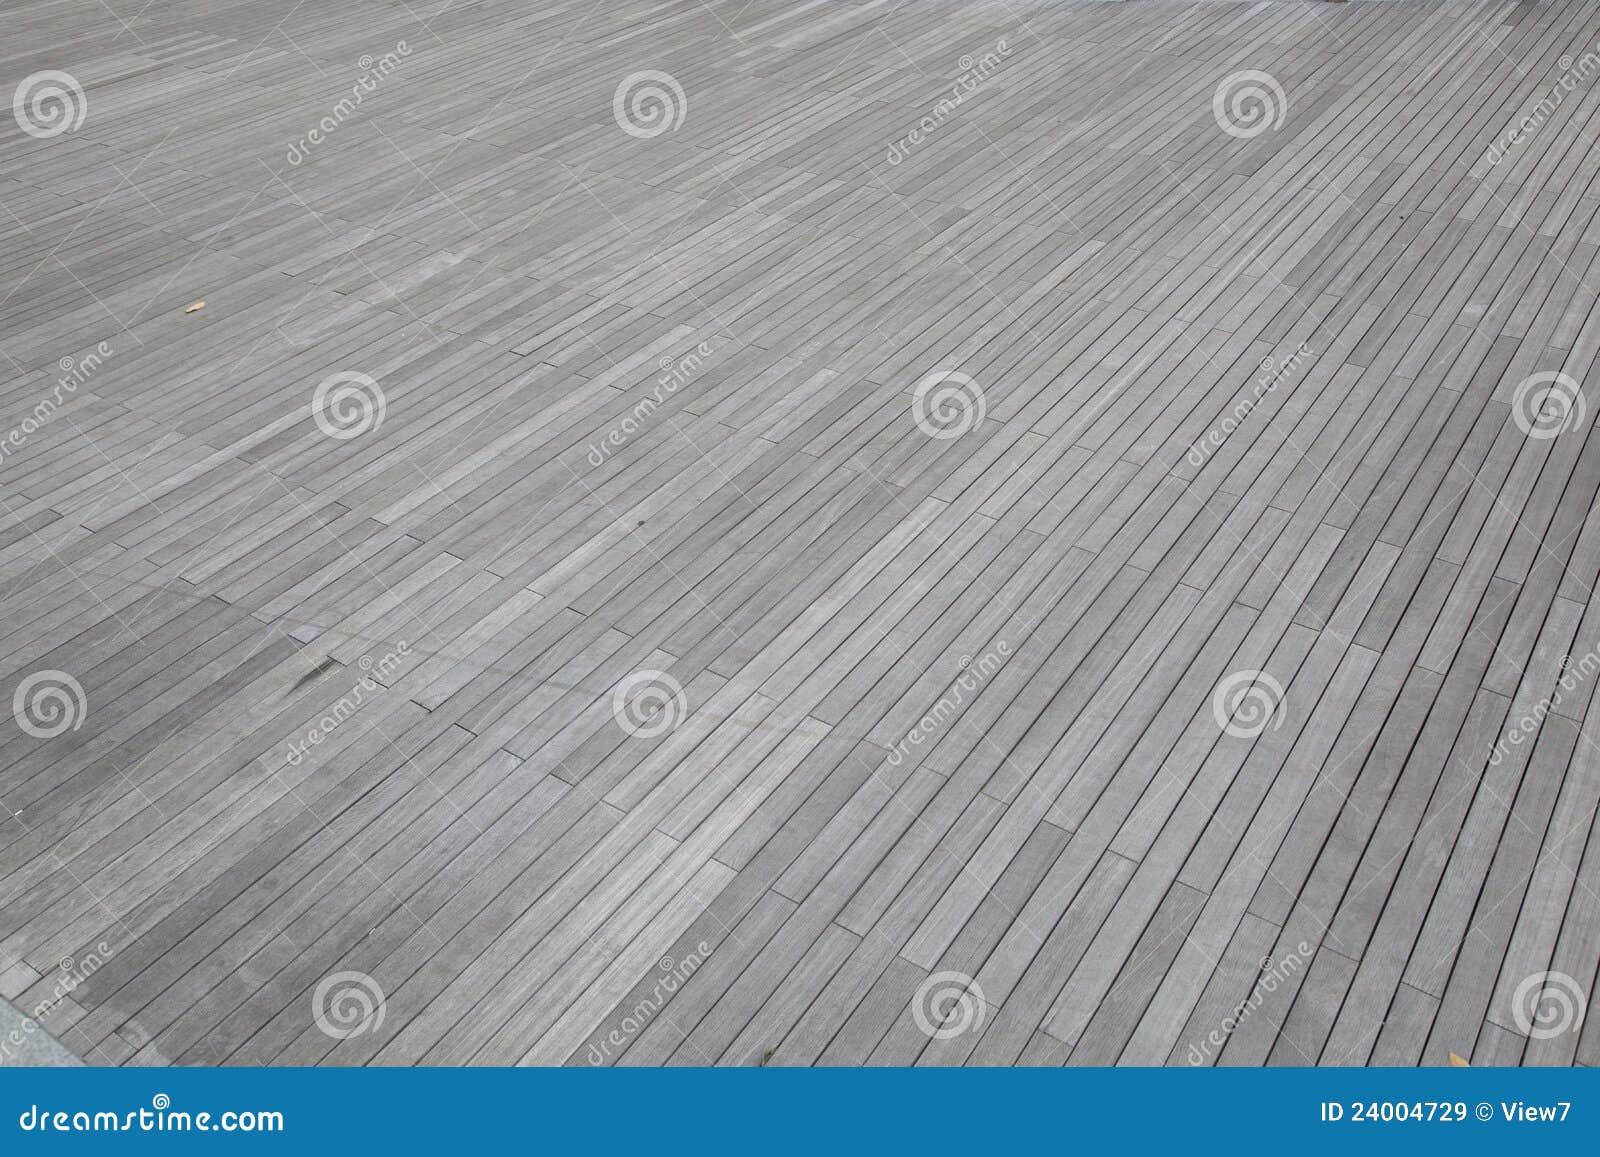 Lichtgrijze Houten Vloer : Grijze houten vloer stock afbeelding afbeelding bestaande uit